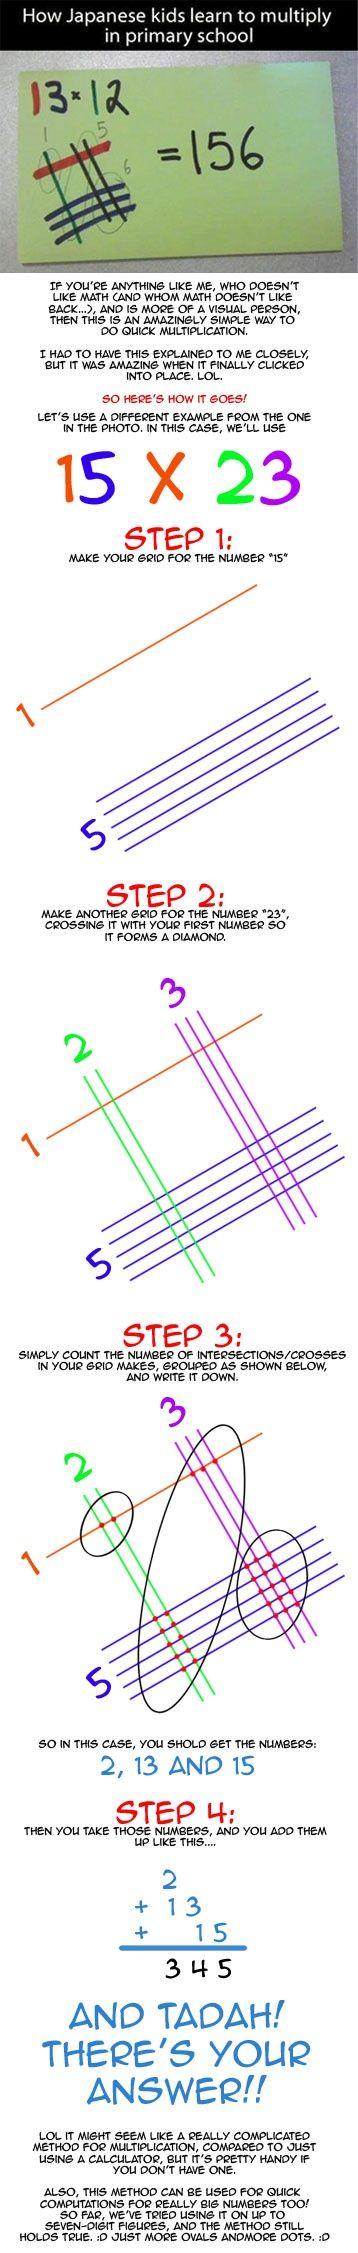 multiplication méthode japonaise